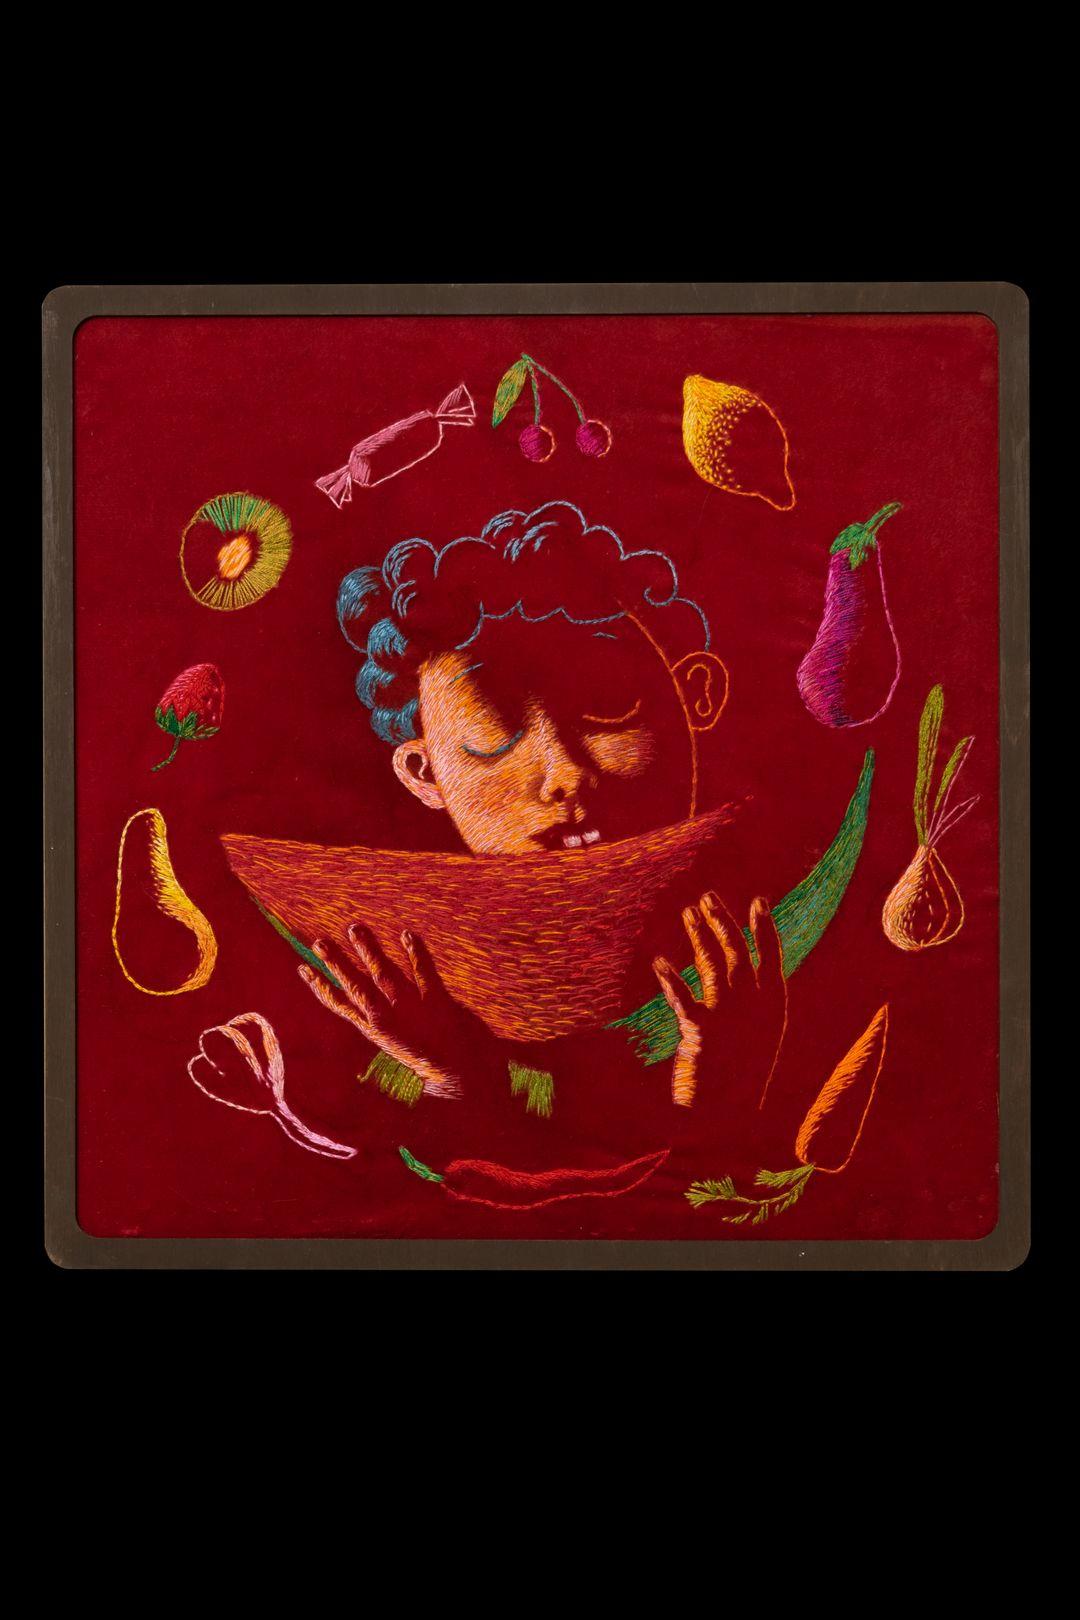 <strong>Про органы чувств</strong><br /><p>Вера Петровская<br /> Детская книга, вышивка<br /> Мастерская книжной графики<br /> Руководитель Клим Ли</p>